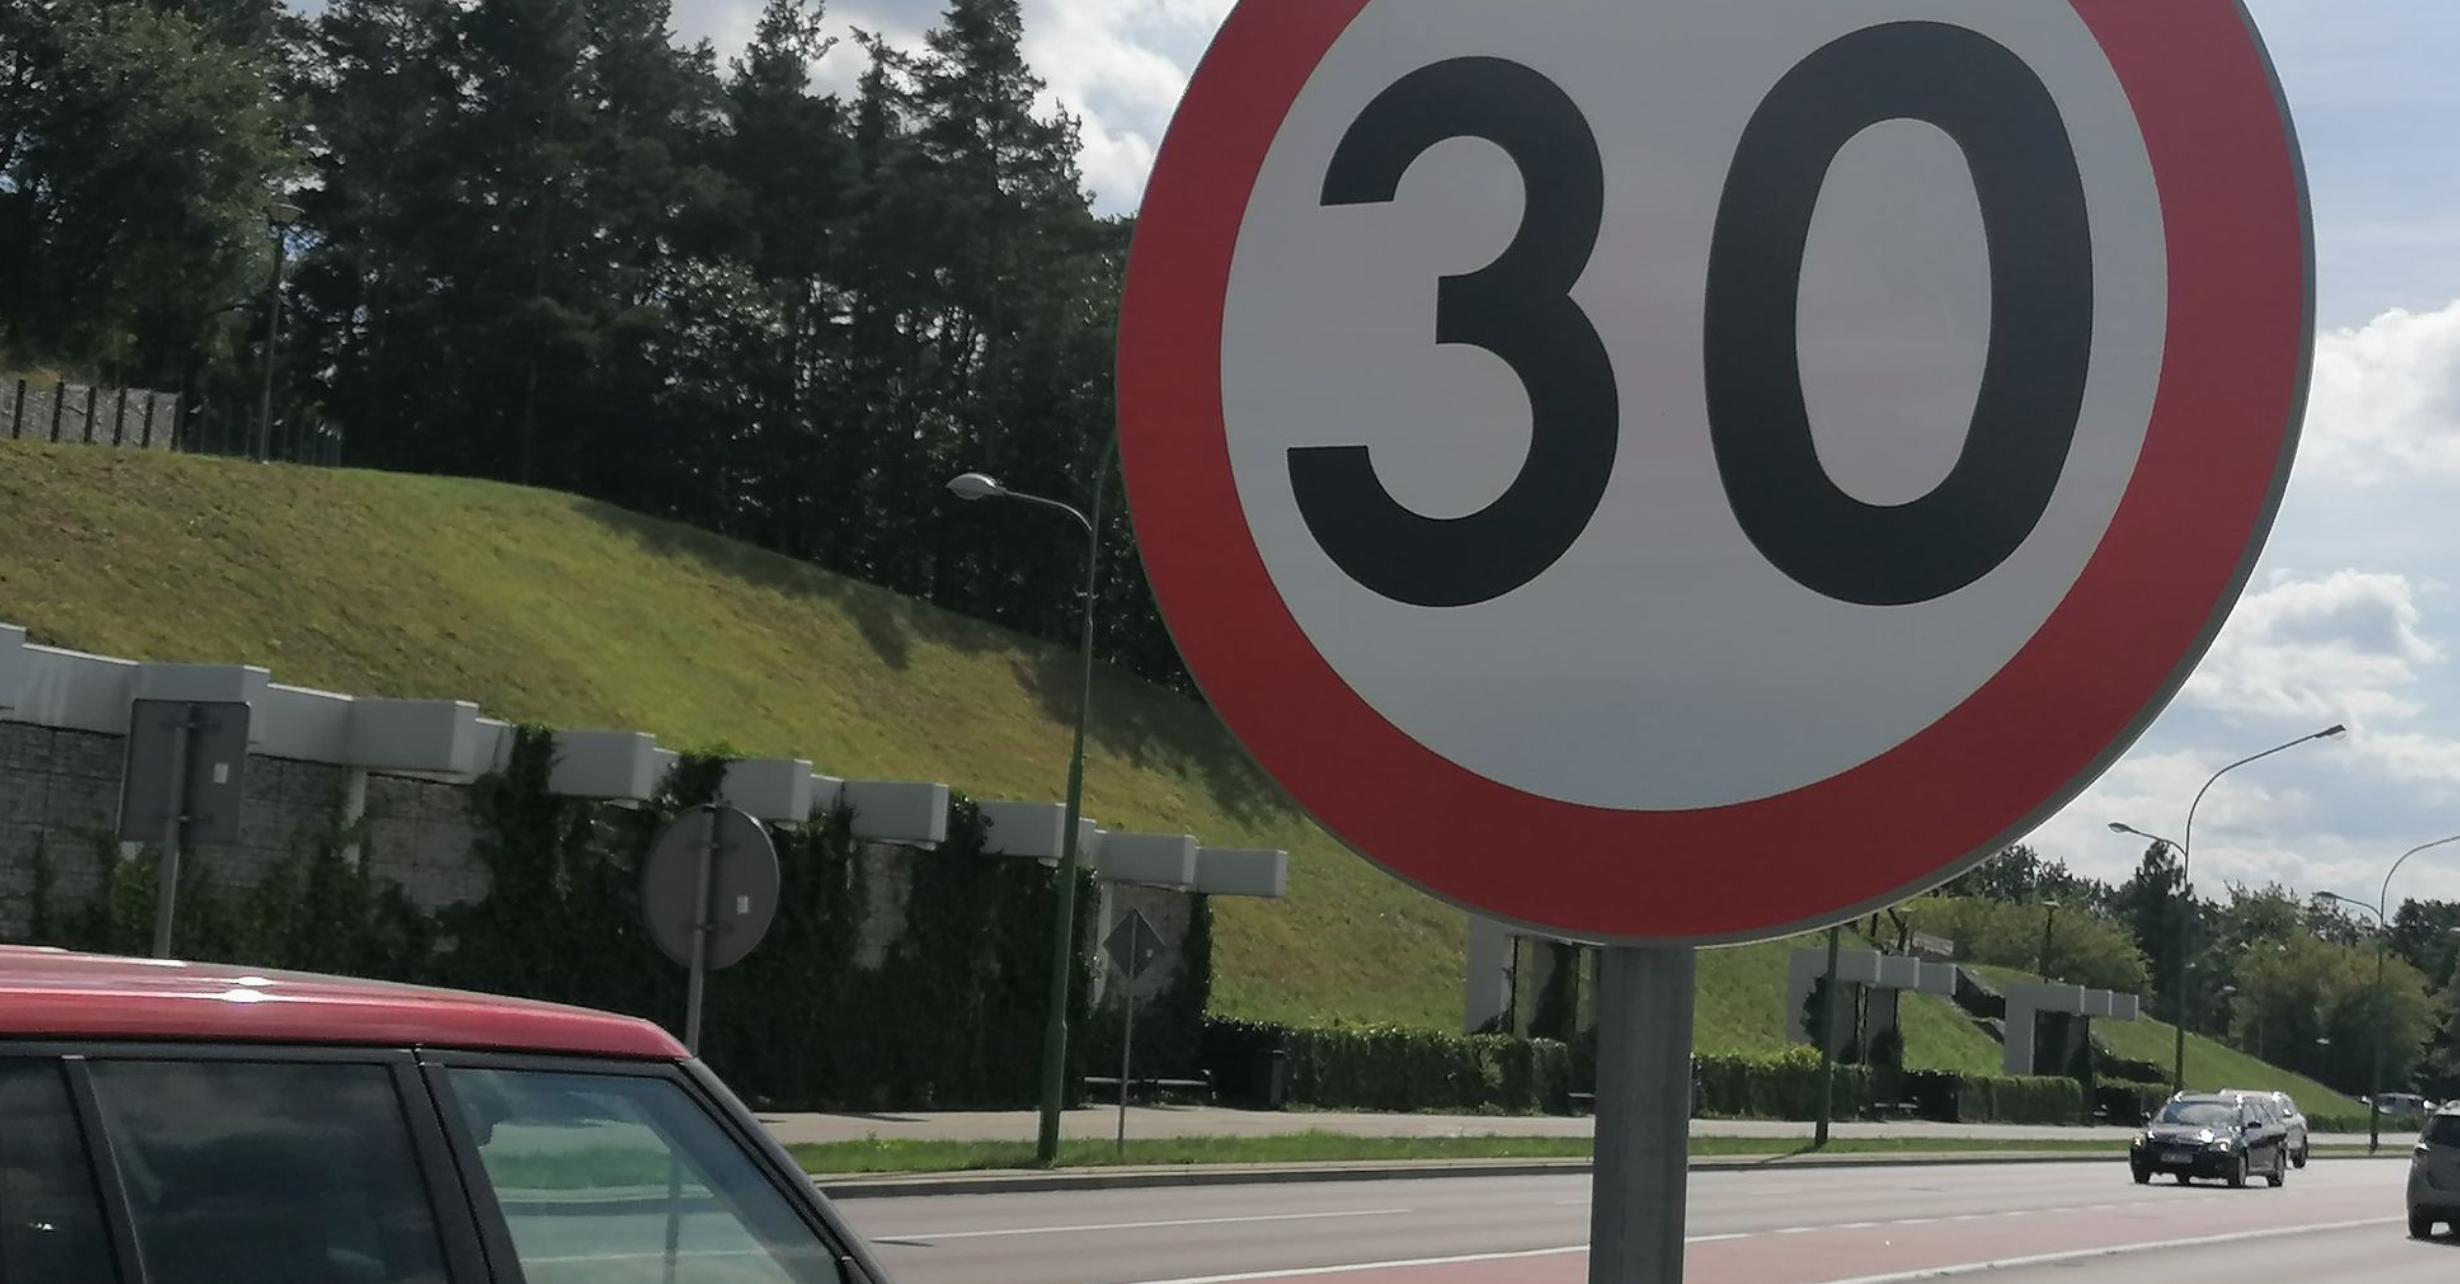 Nowe znaki na Kwiatkowskiego. Kierowcy pytają: Dlaczego? - Zdjęcie główne